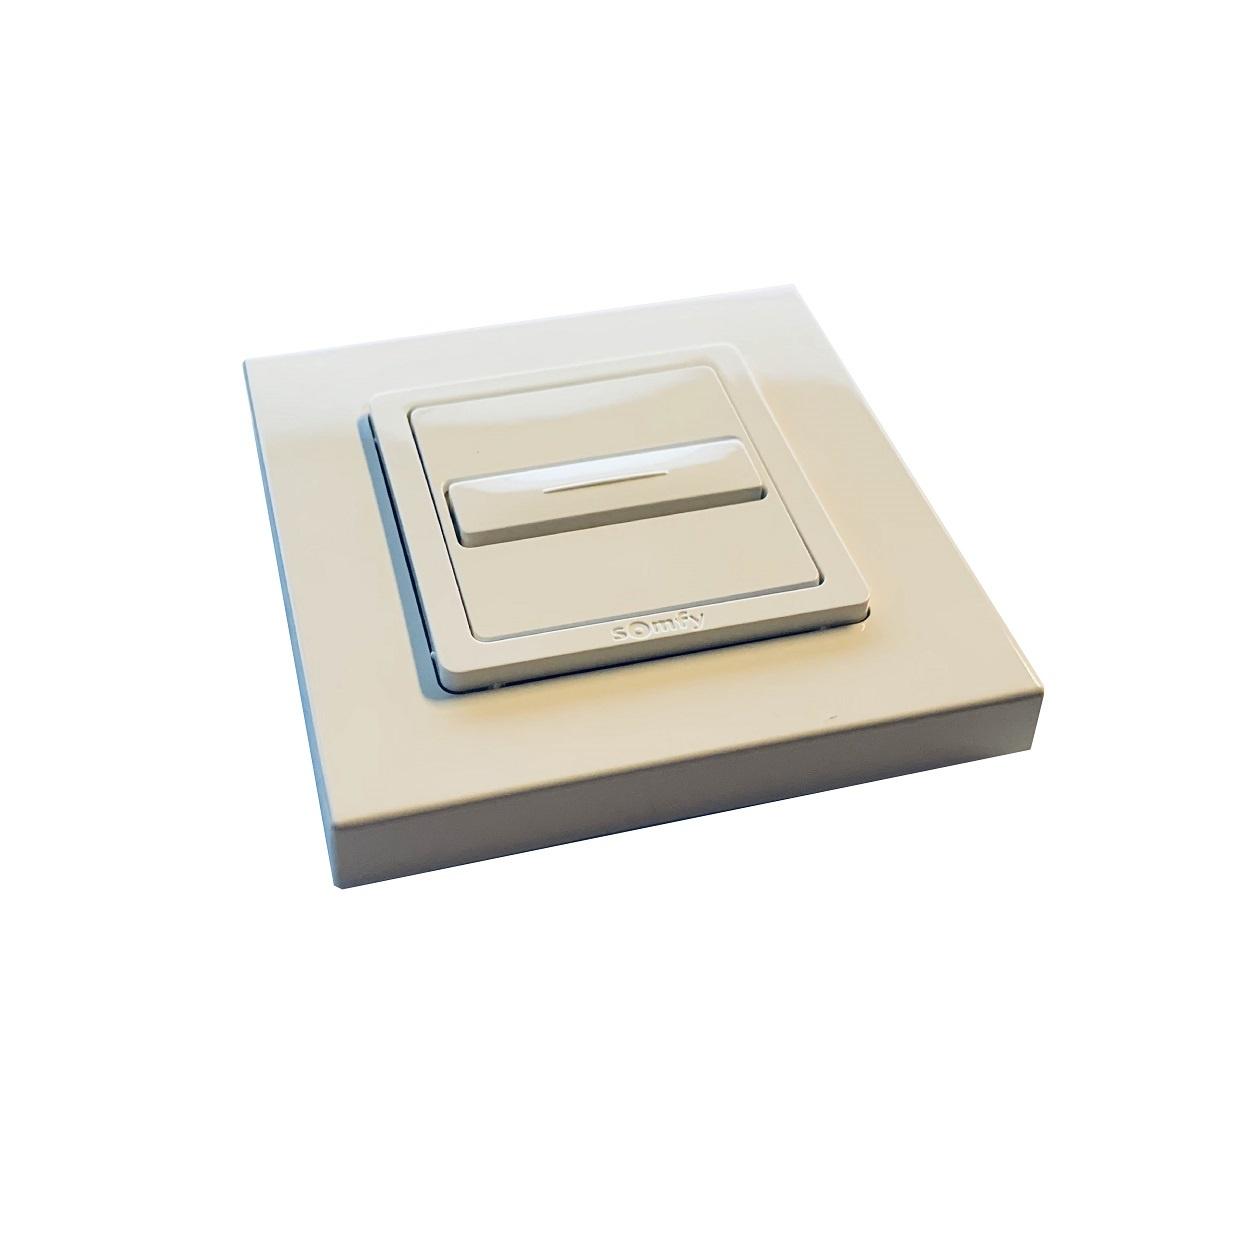 Somfy Inbouw drukknop Smoove Uno met vast nulpunt